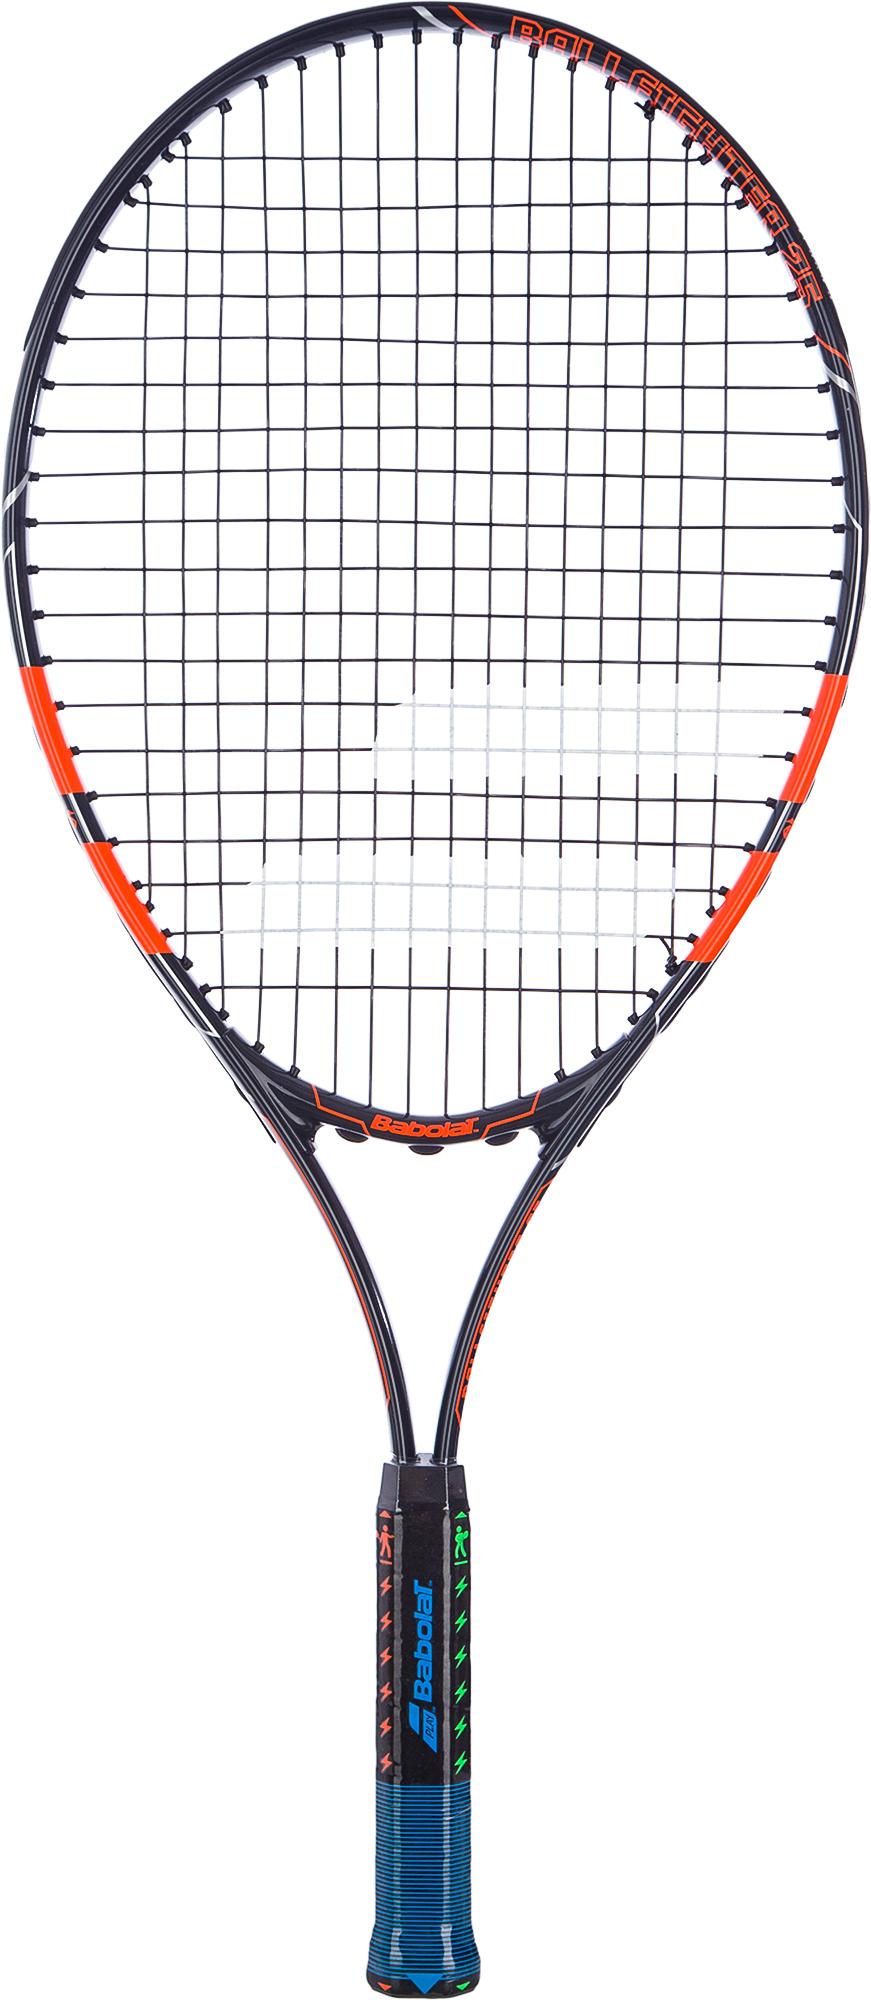 Babolat Ракетка для большого тенниса детская Babolat BALLFIGHTER 25 babolat набор мячей для большого тенниса babolat championship x3 размер без размера